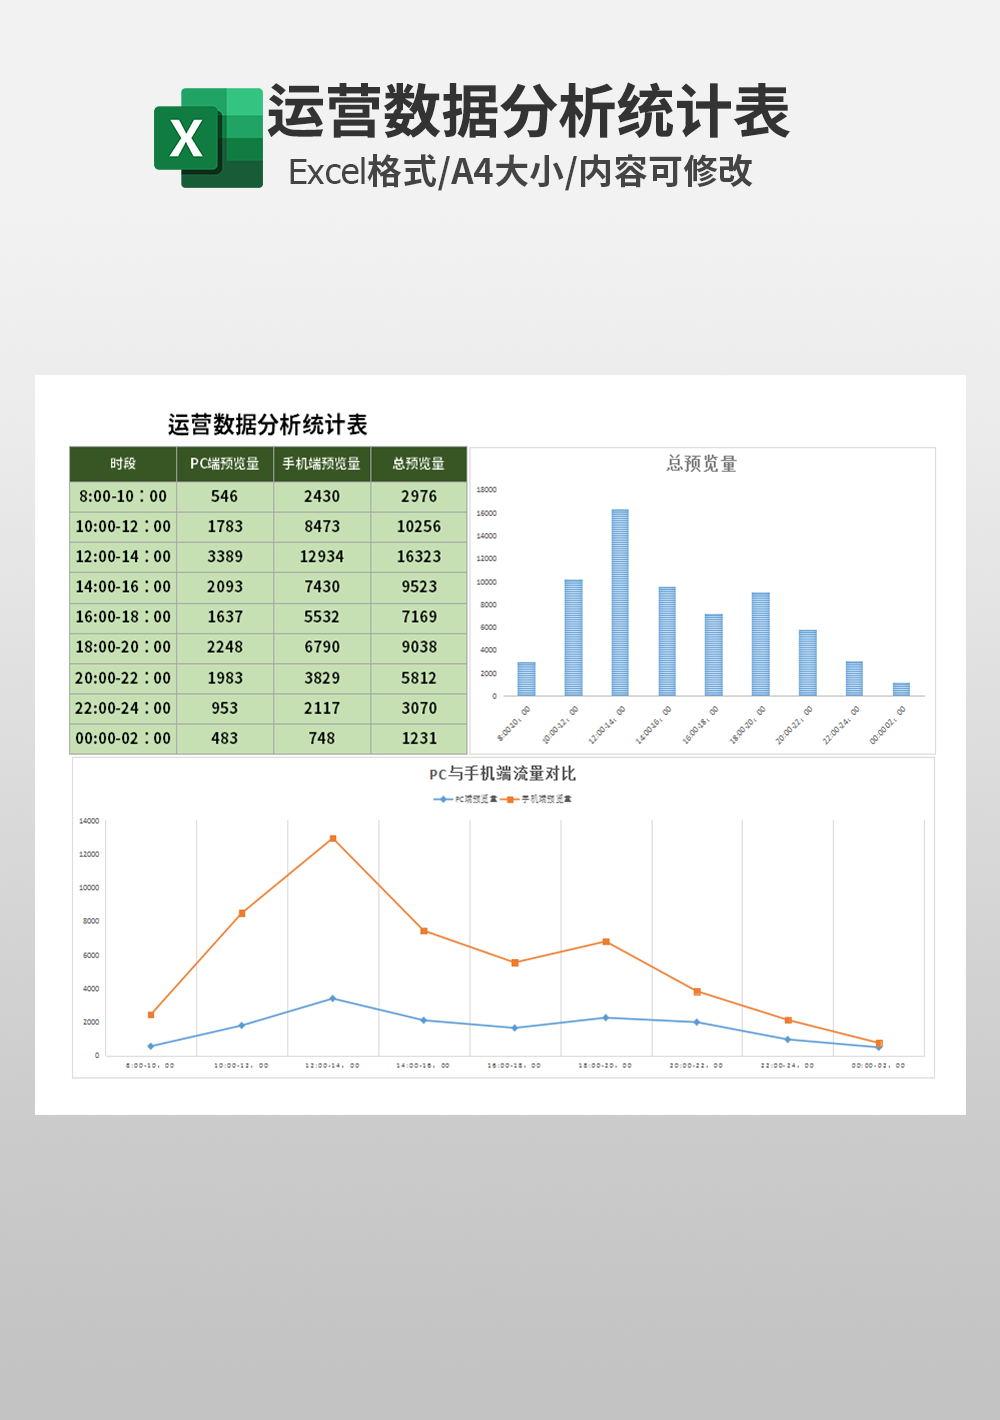 财务运营数据分析统计表模版